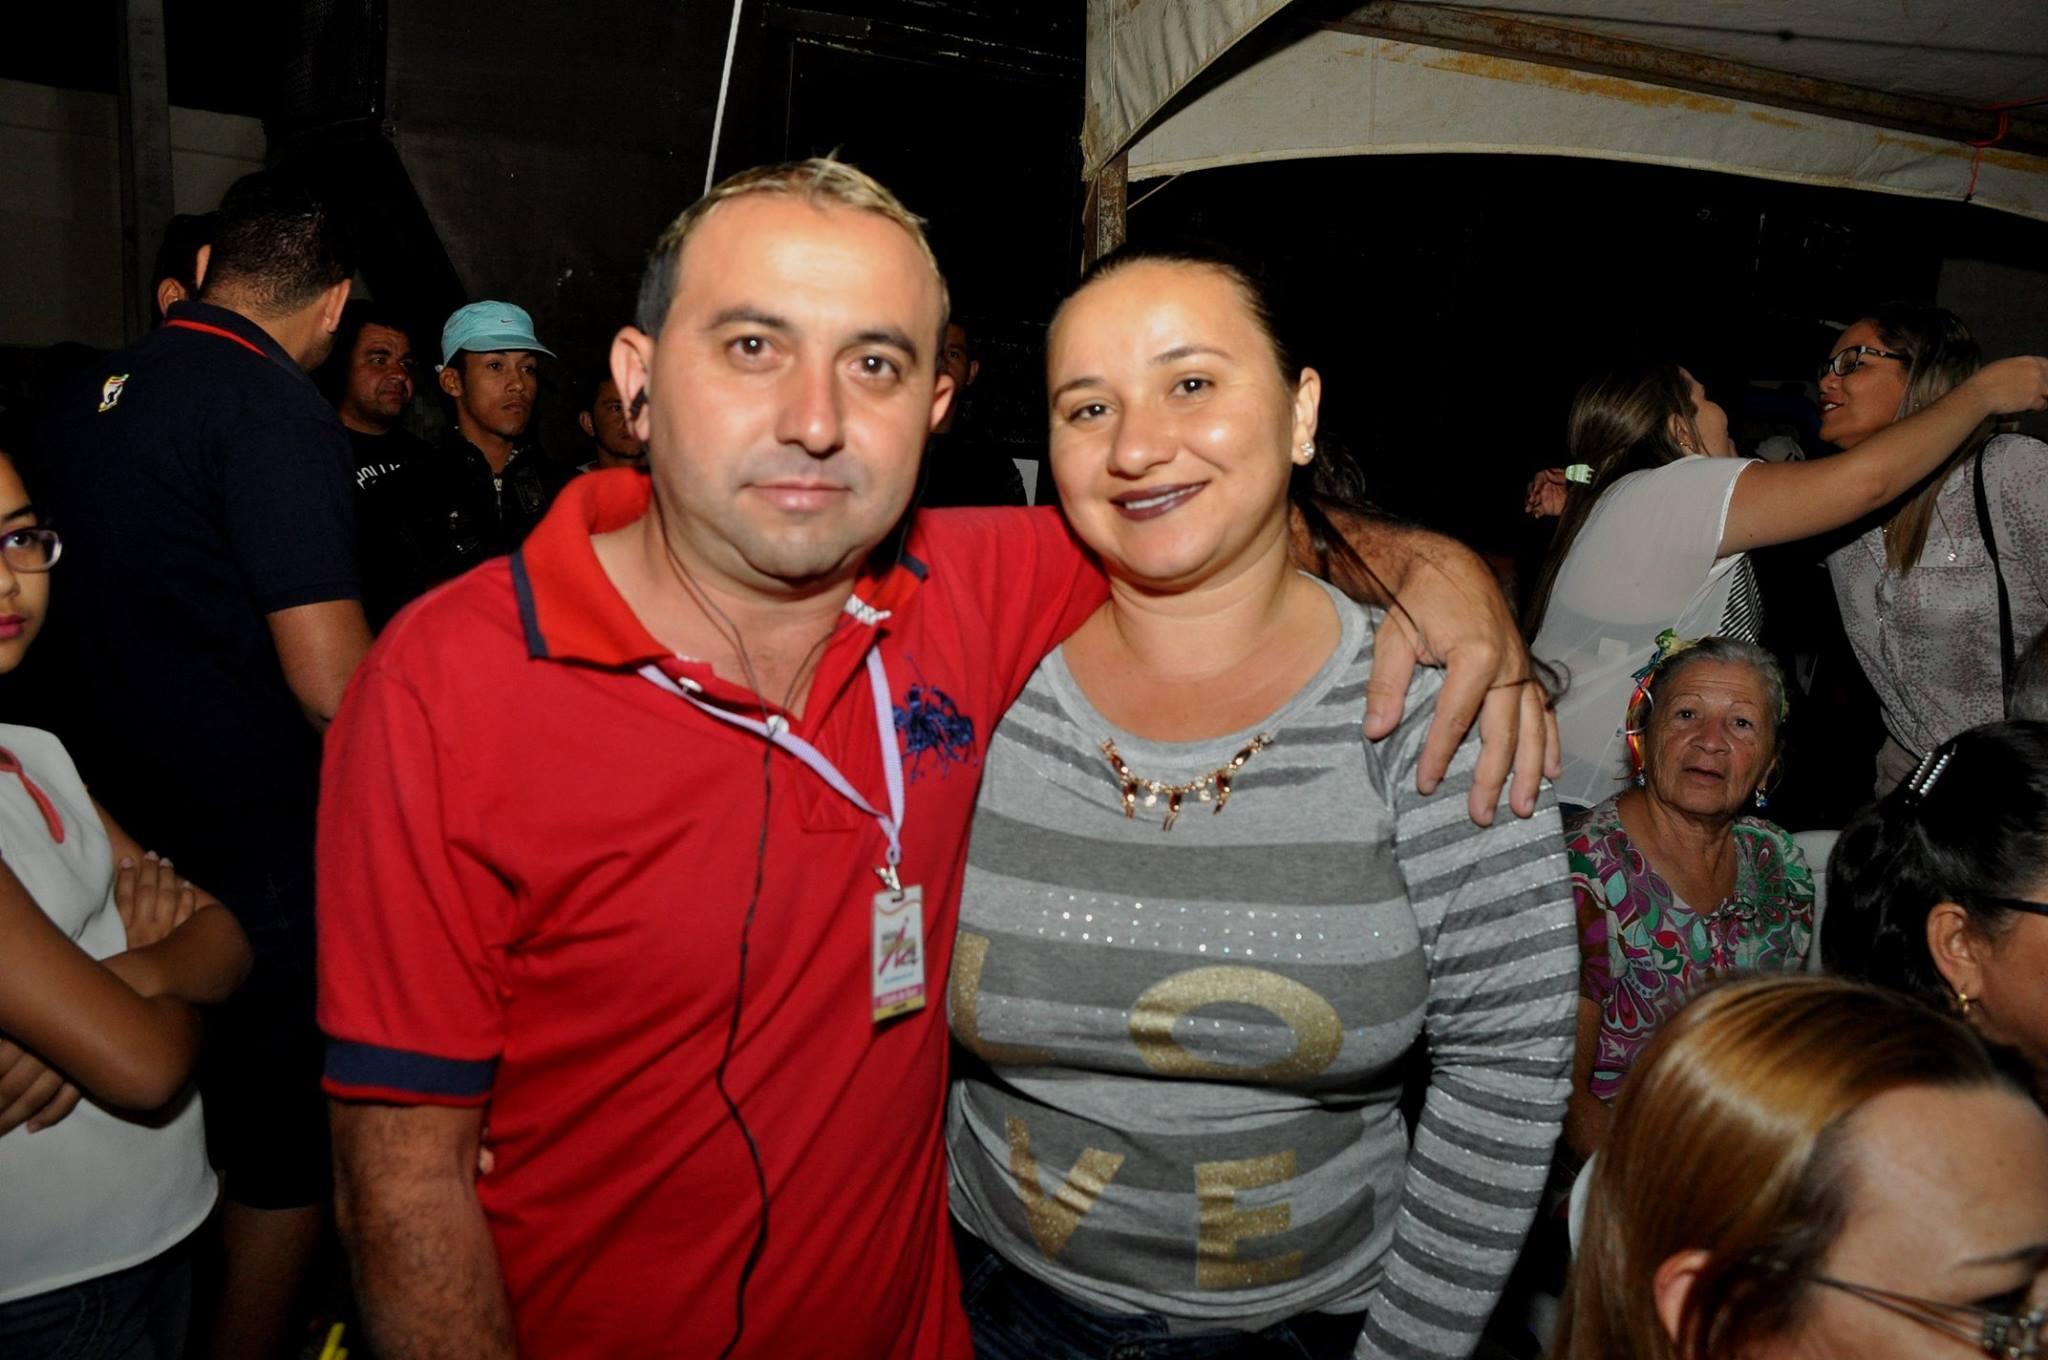 19095365_1899324810340709_3552824378705878209_o-1024x680 OPIPOCO mostra como foi a Segunda noite do festival de quadrilhas em Monteiro. Confira Imagens